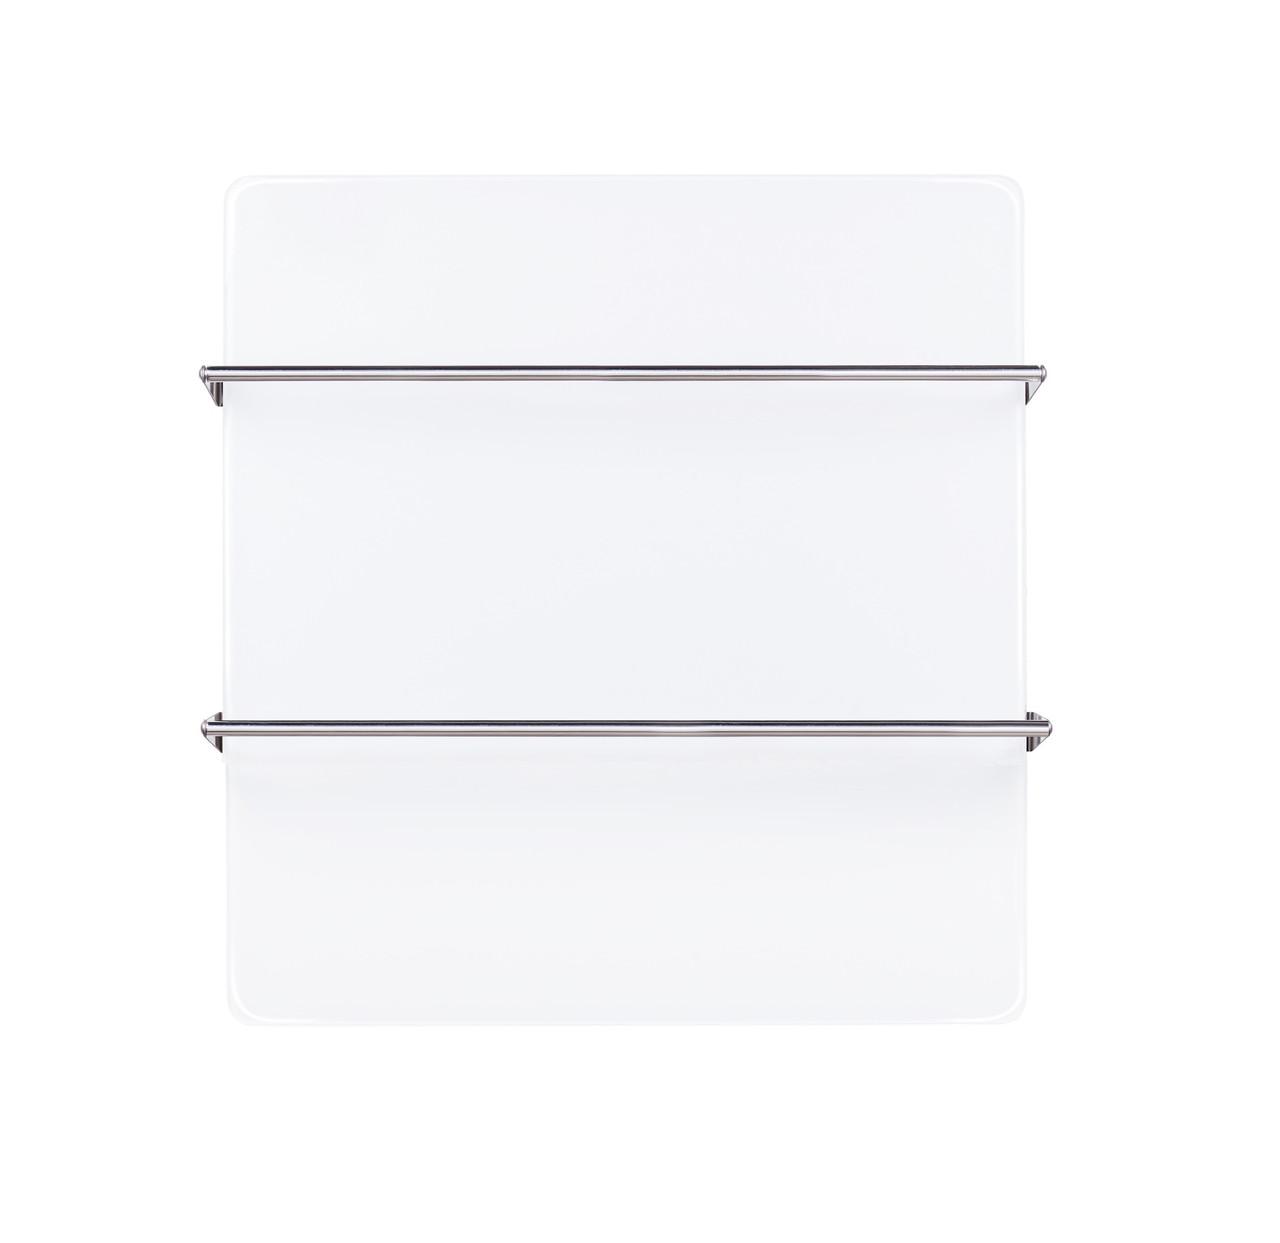 Стекло–керамический полотенце–сушитель SunWay SWGT 400